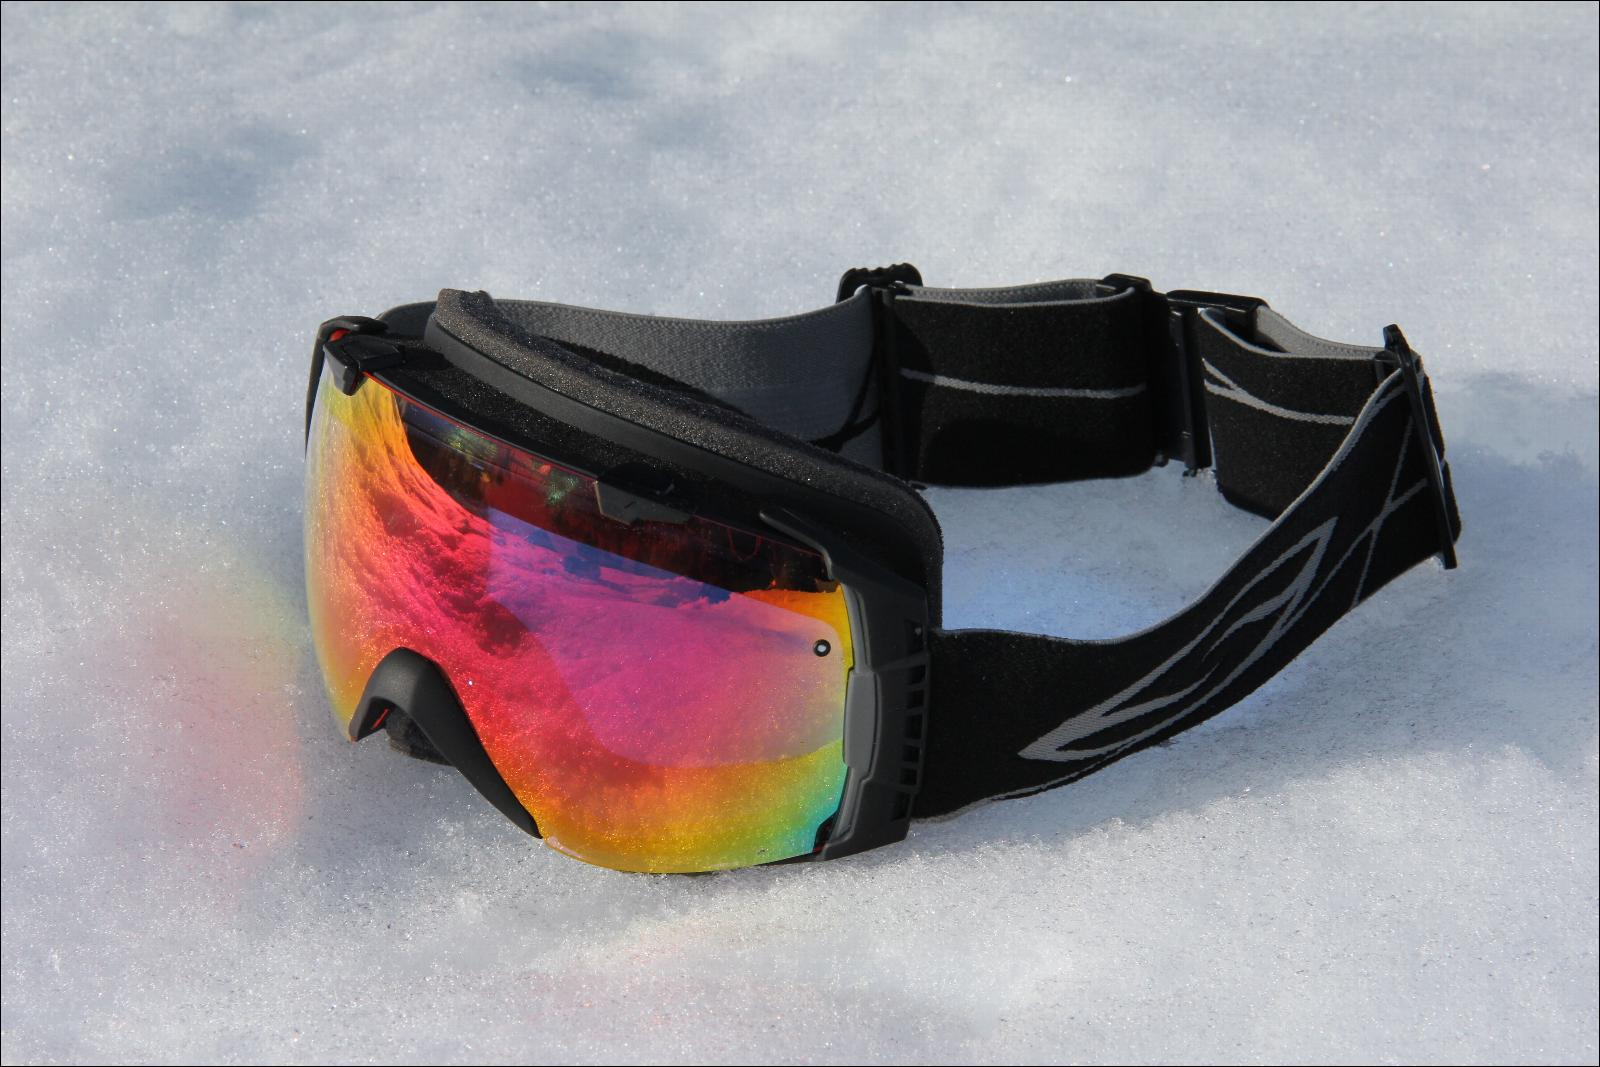 masque de ski smith optics i o ecran photochromic red sensor. Black Bedroom Furniture Sets. Home Design Ideas